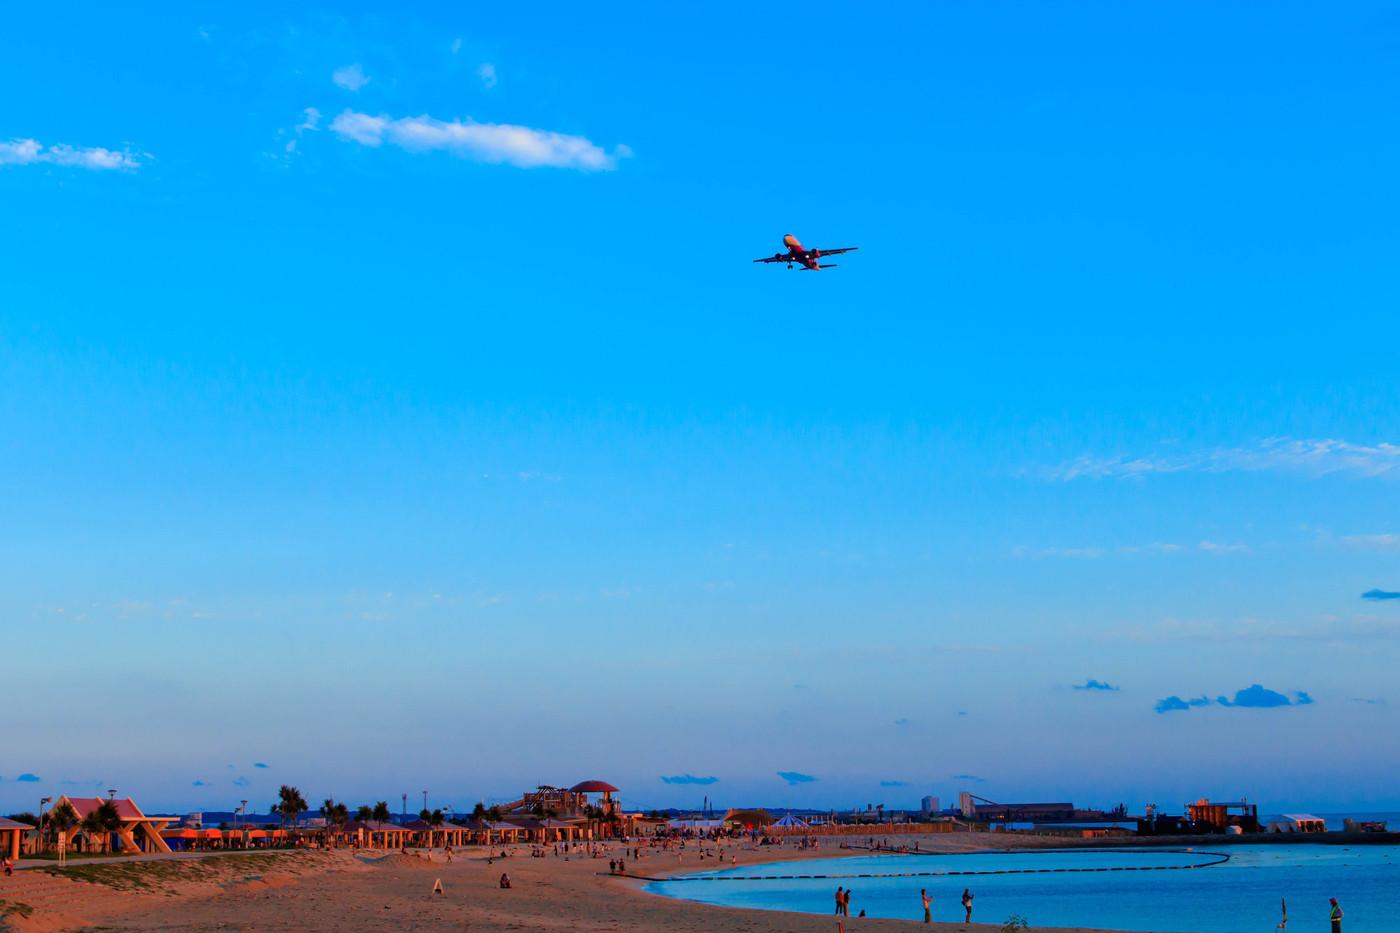 めんそーれ!沖縄おすすめ観光地4選!の9枚目の画像の画像